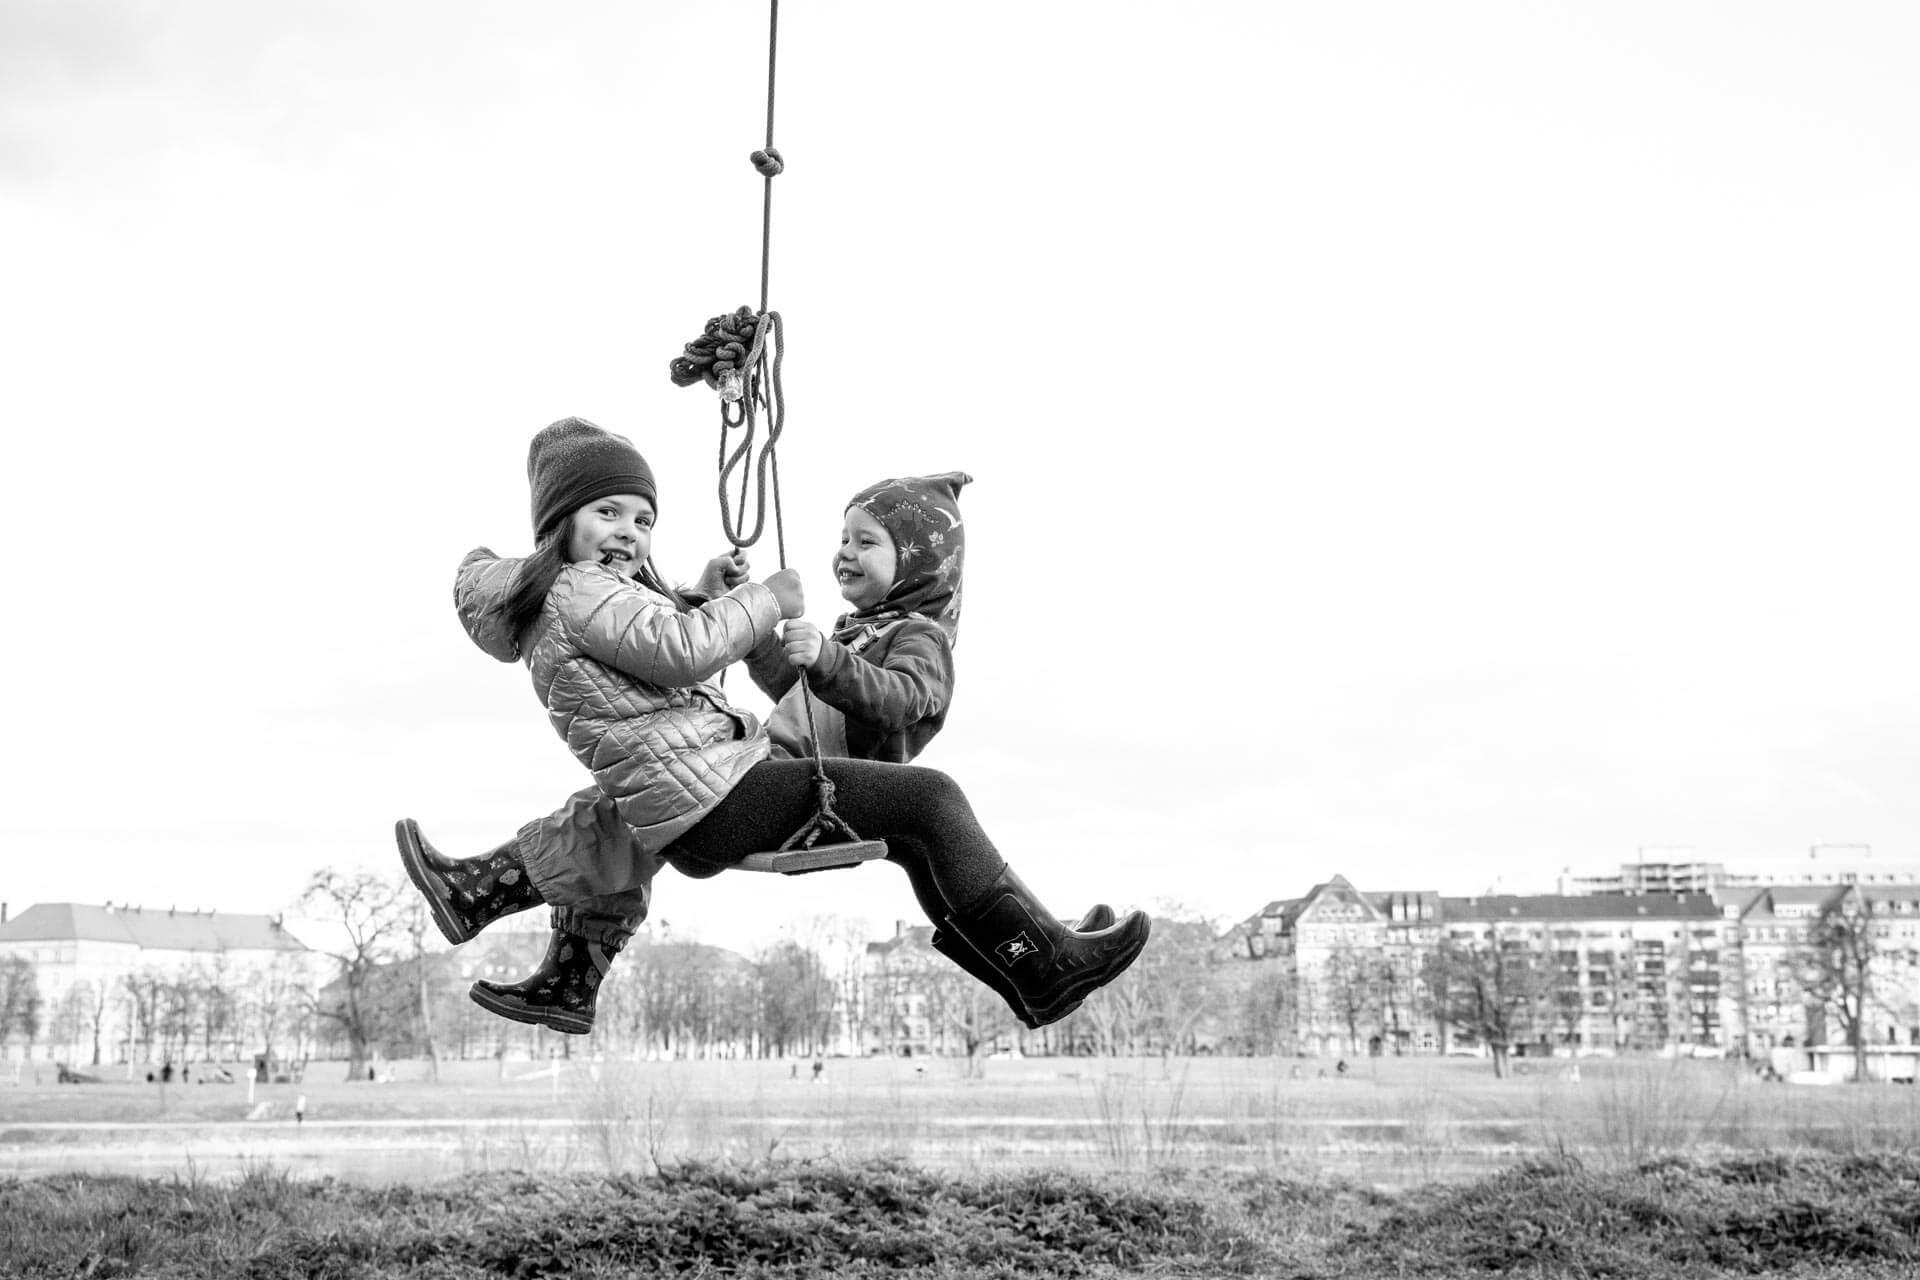 dokumentarische_familienfotografie_tabea_hoernlein_10_desktop